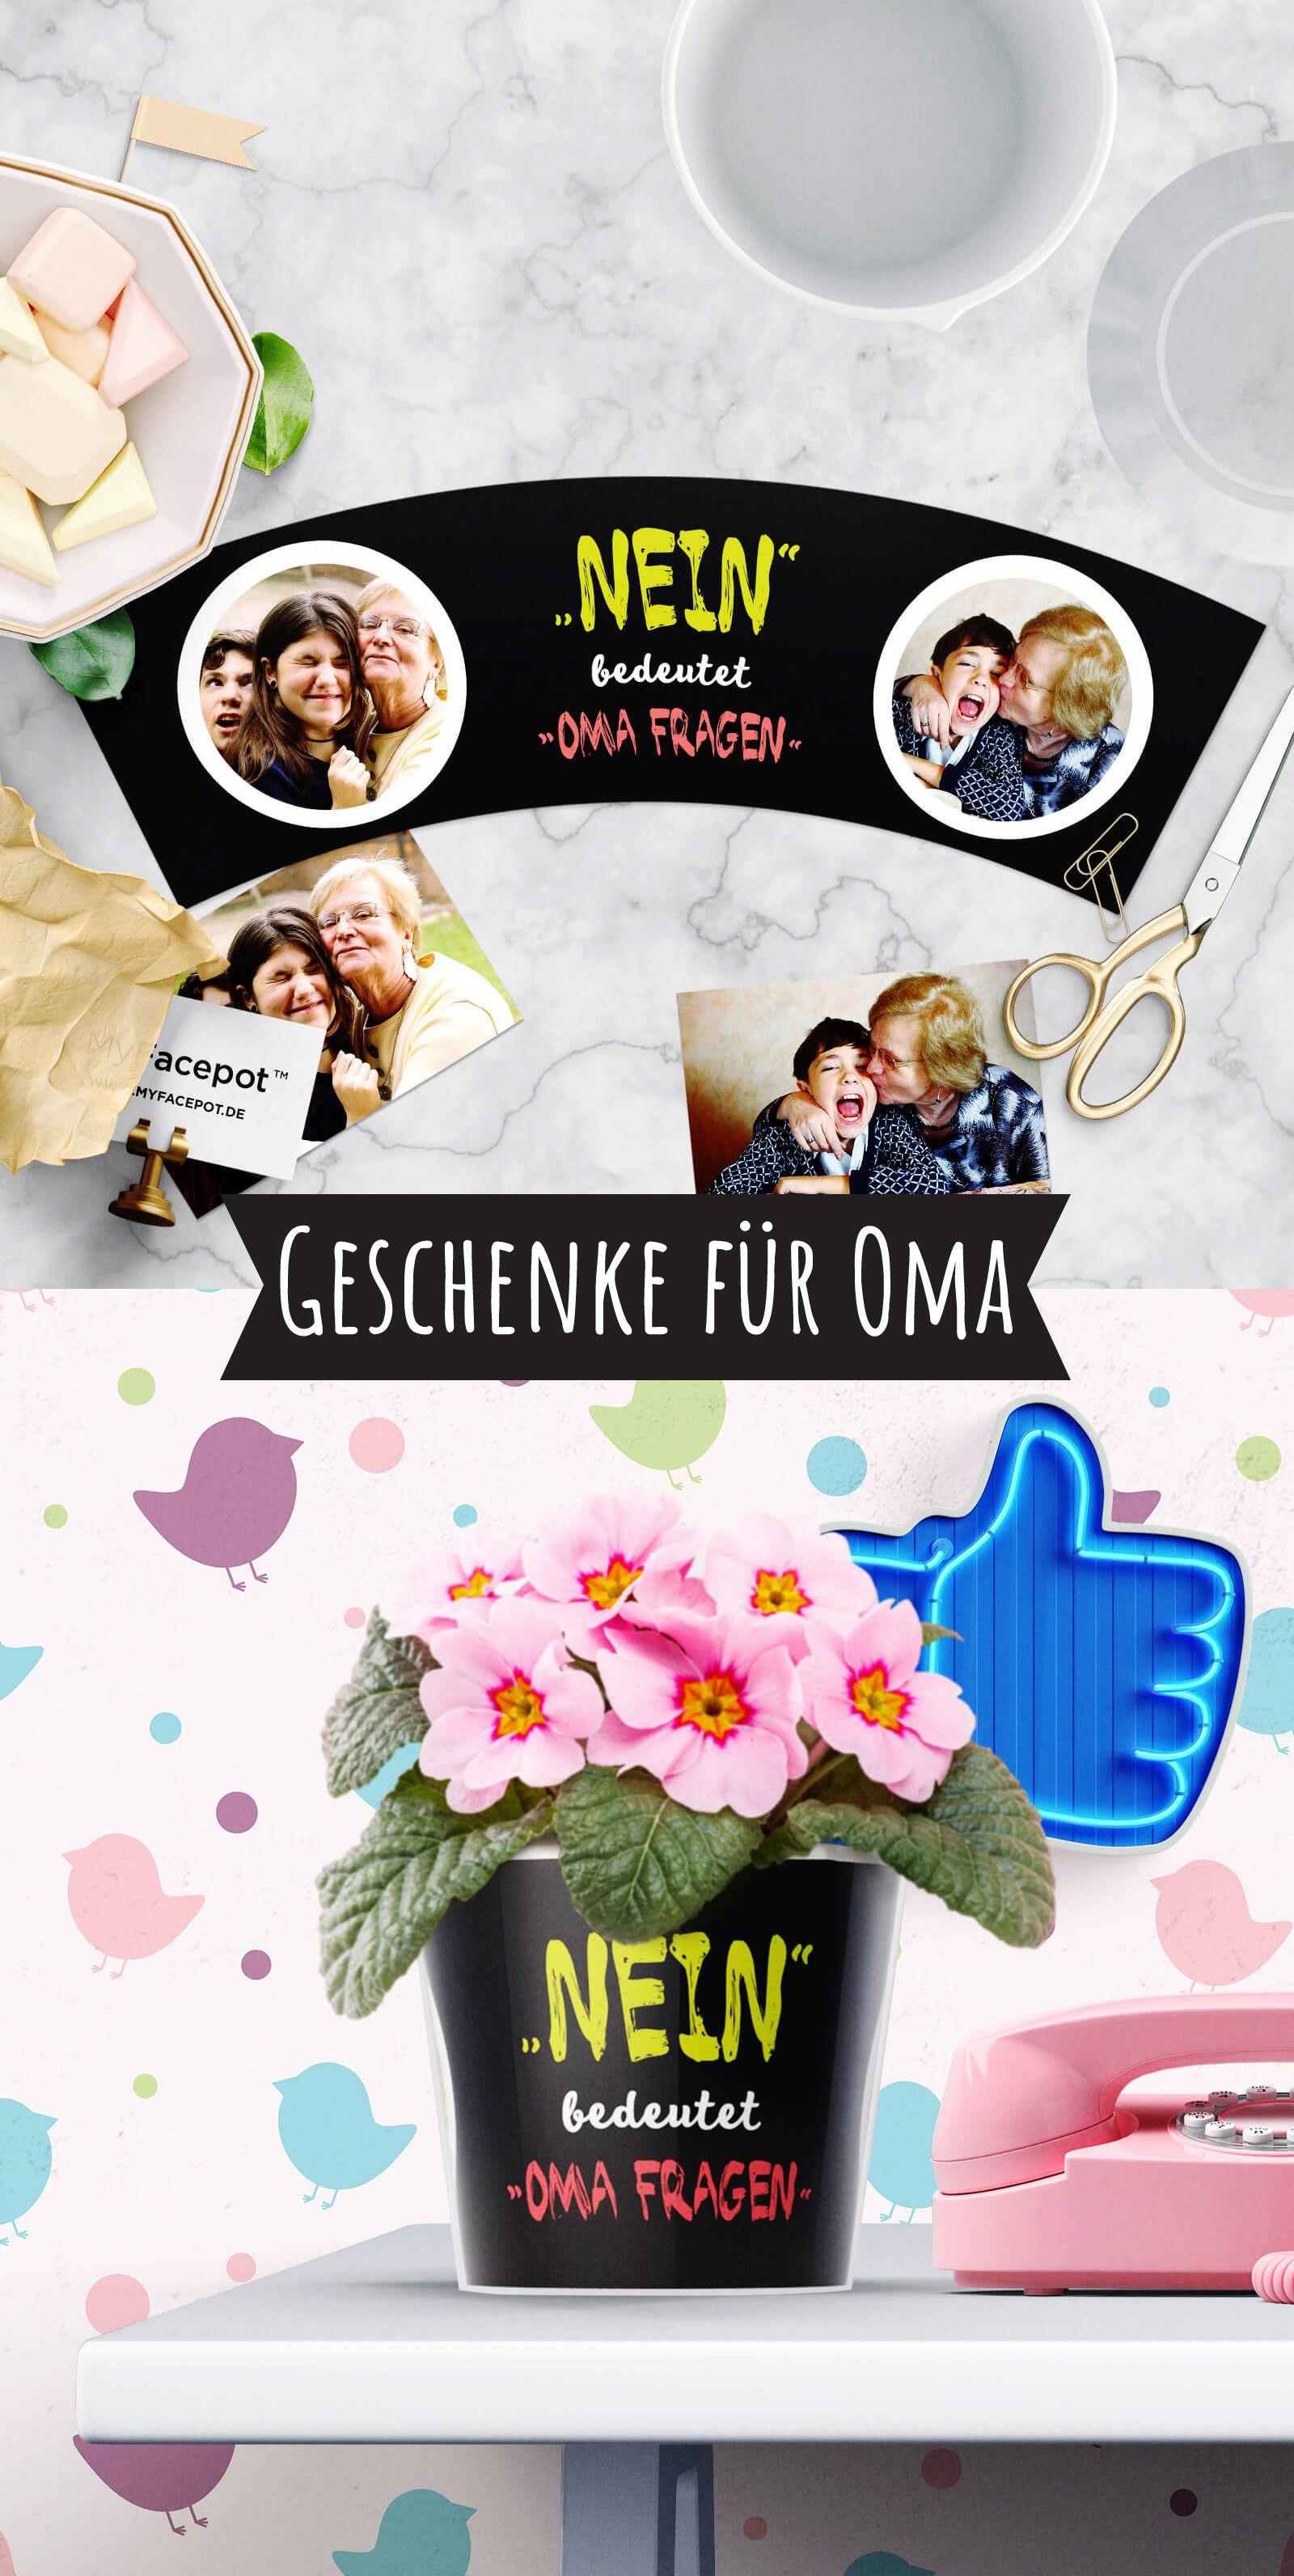 Weihnachtsgeschenke für Oma mit Humor | Geschenke für Oma | Pinterest